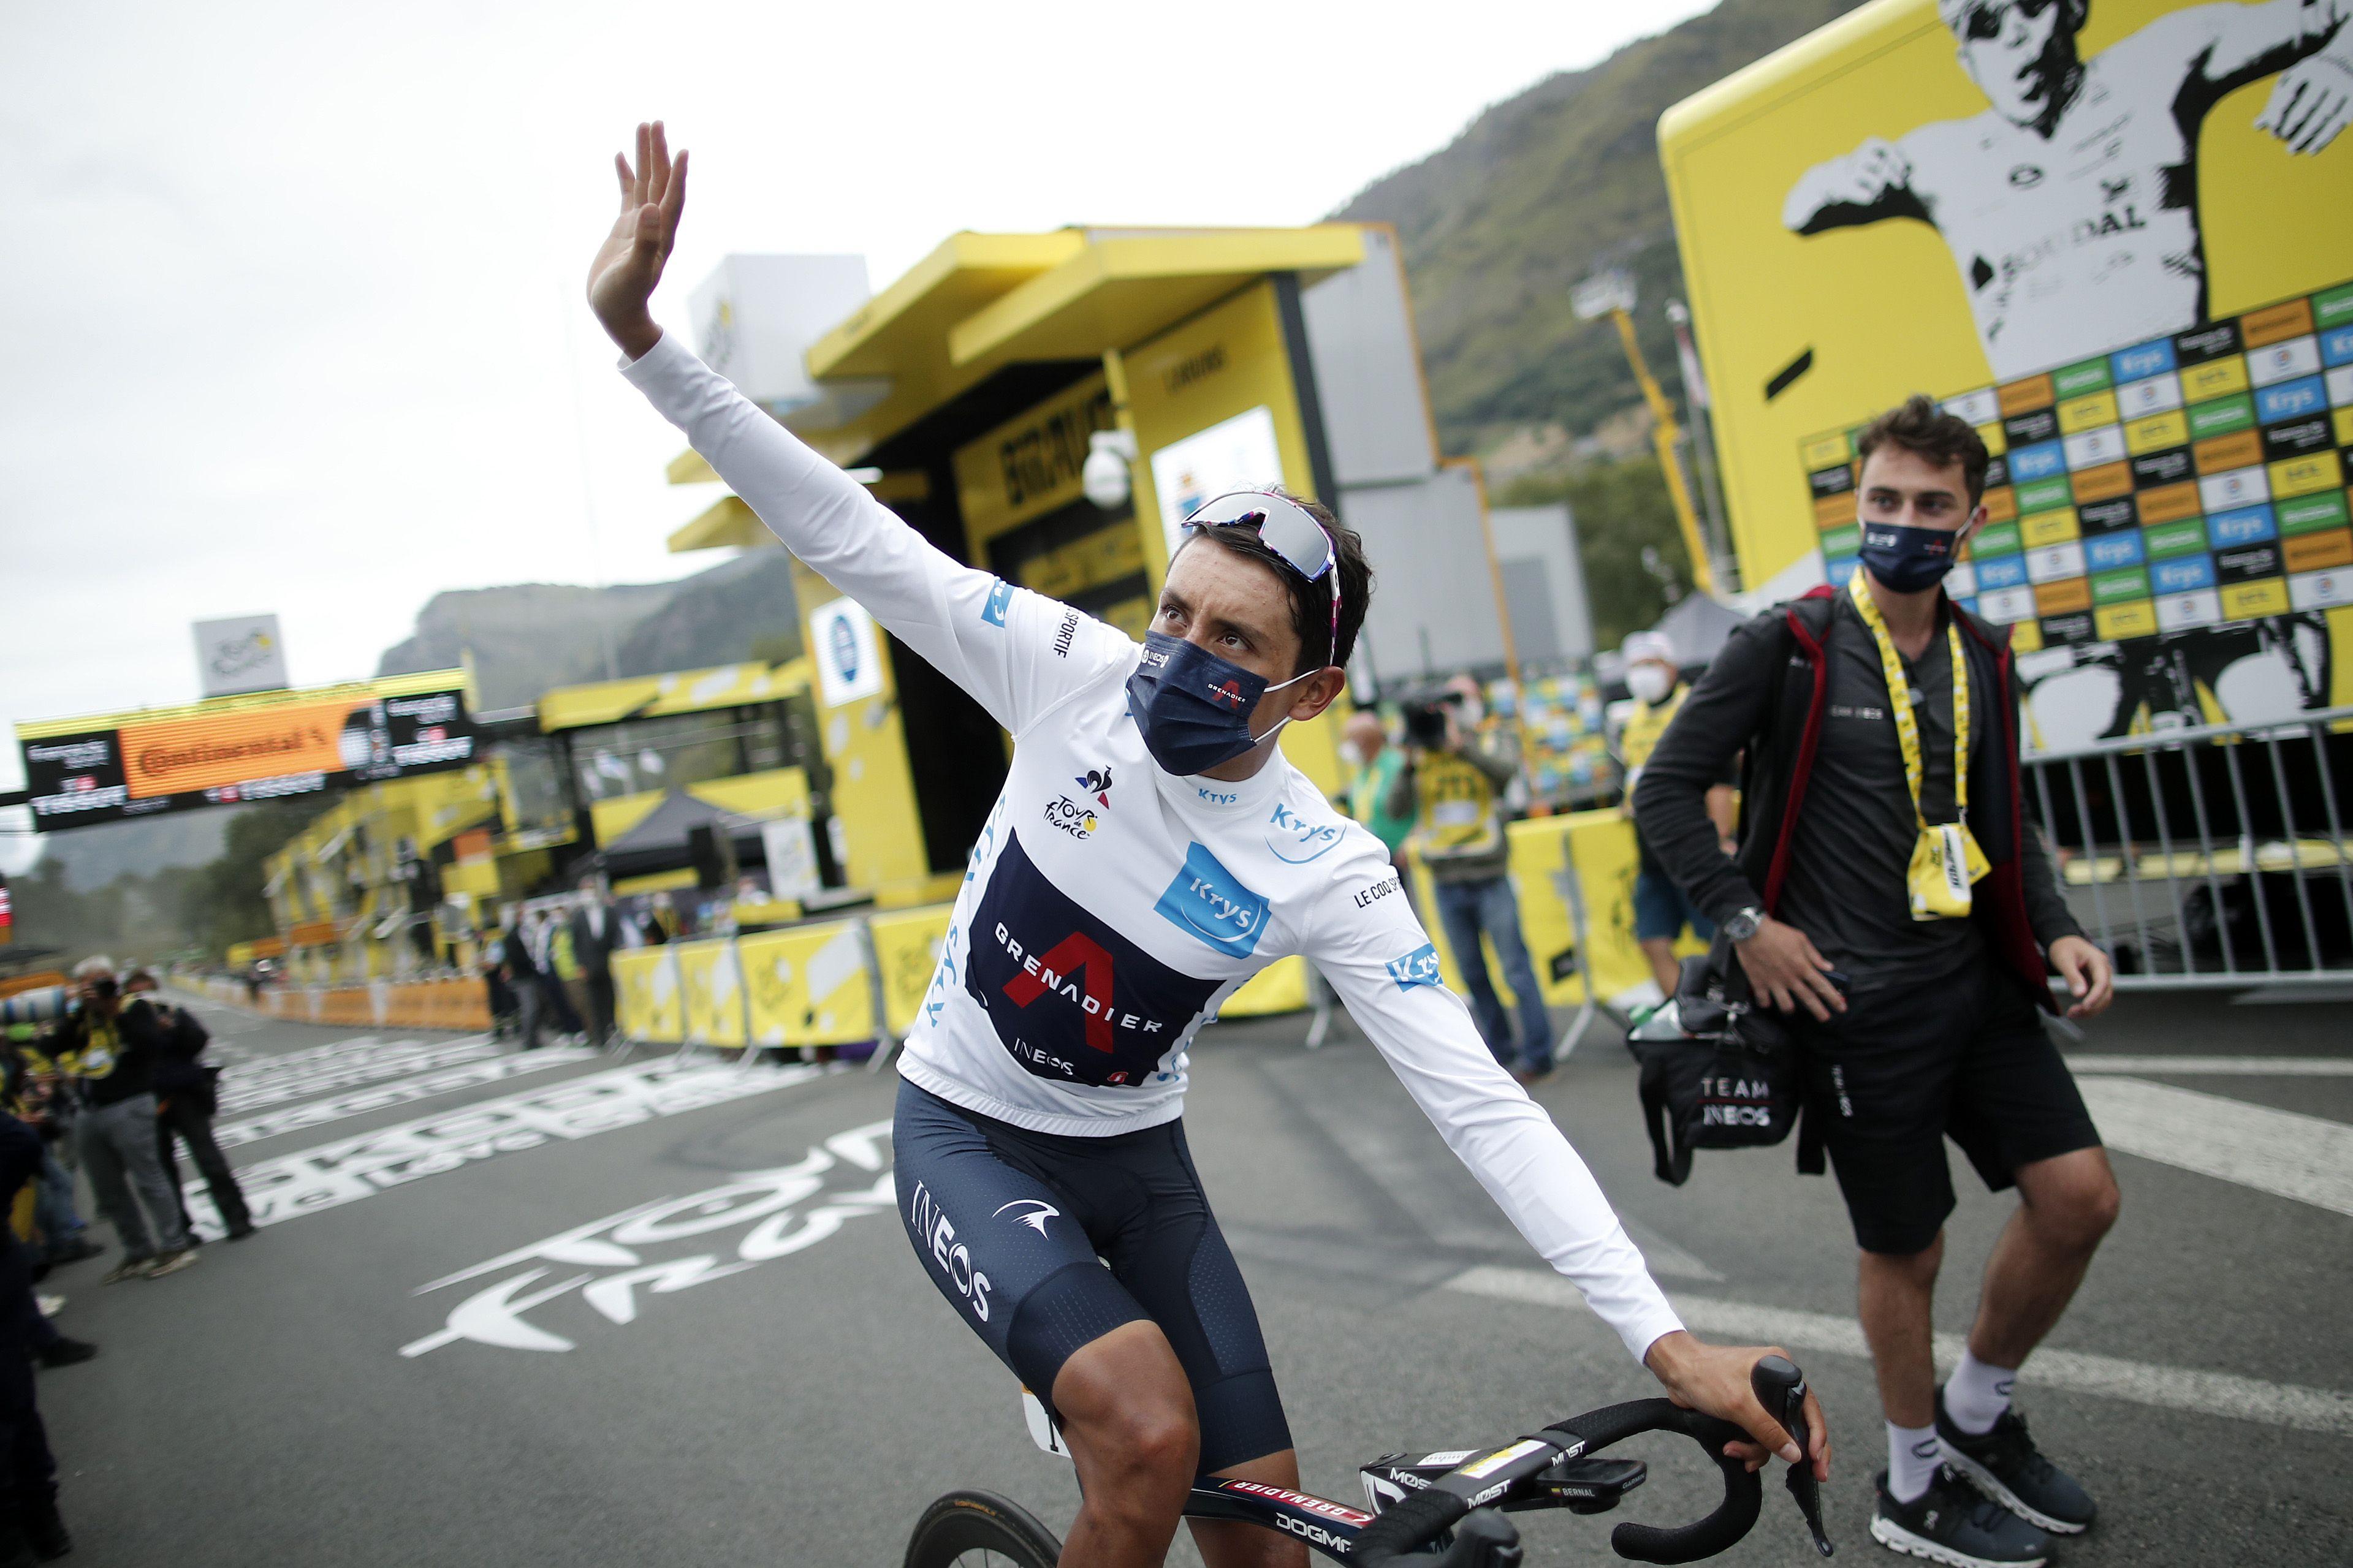 107th Tour de France 2020 - Stage 9